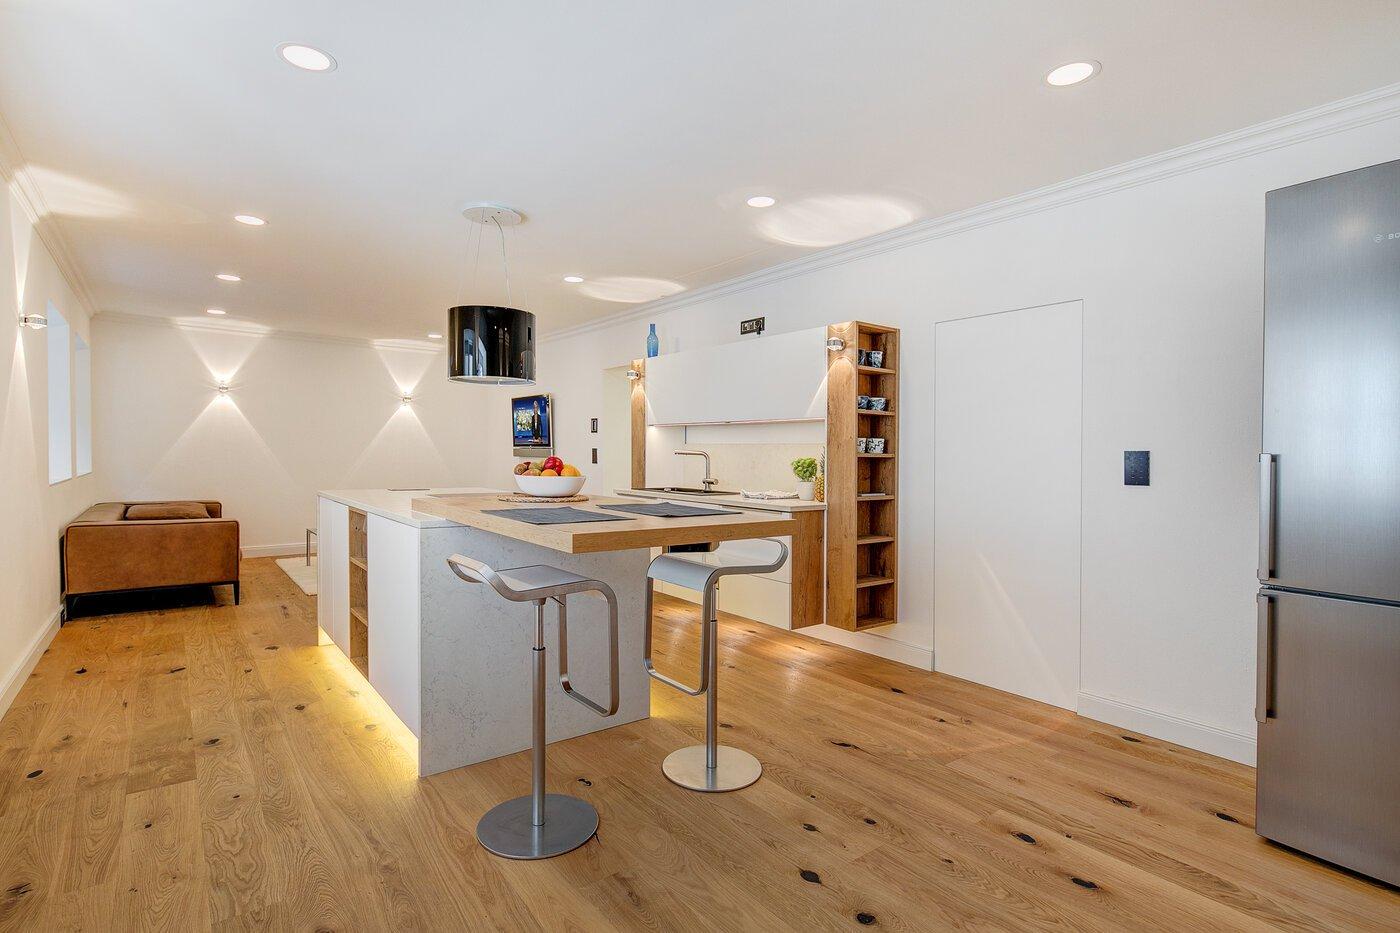 3 camere appartamento seminterrato ammobiliato flat for Appartamento di efficienza seminterrato